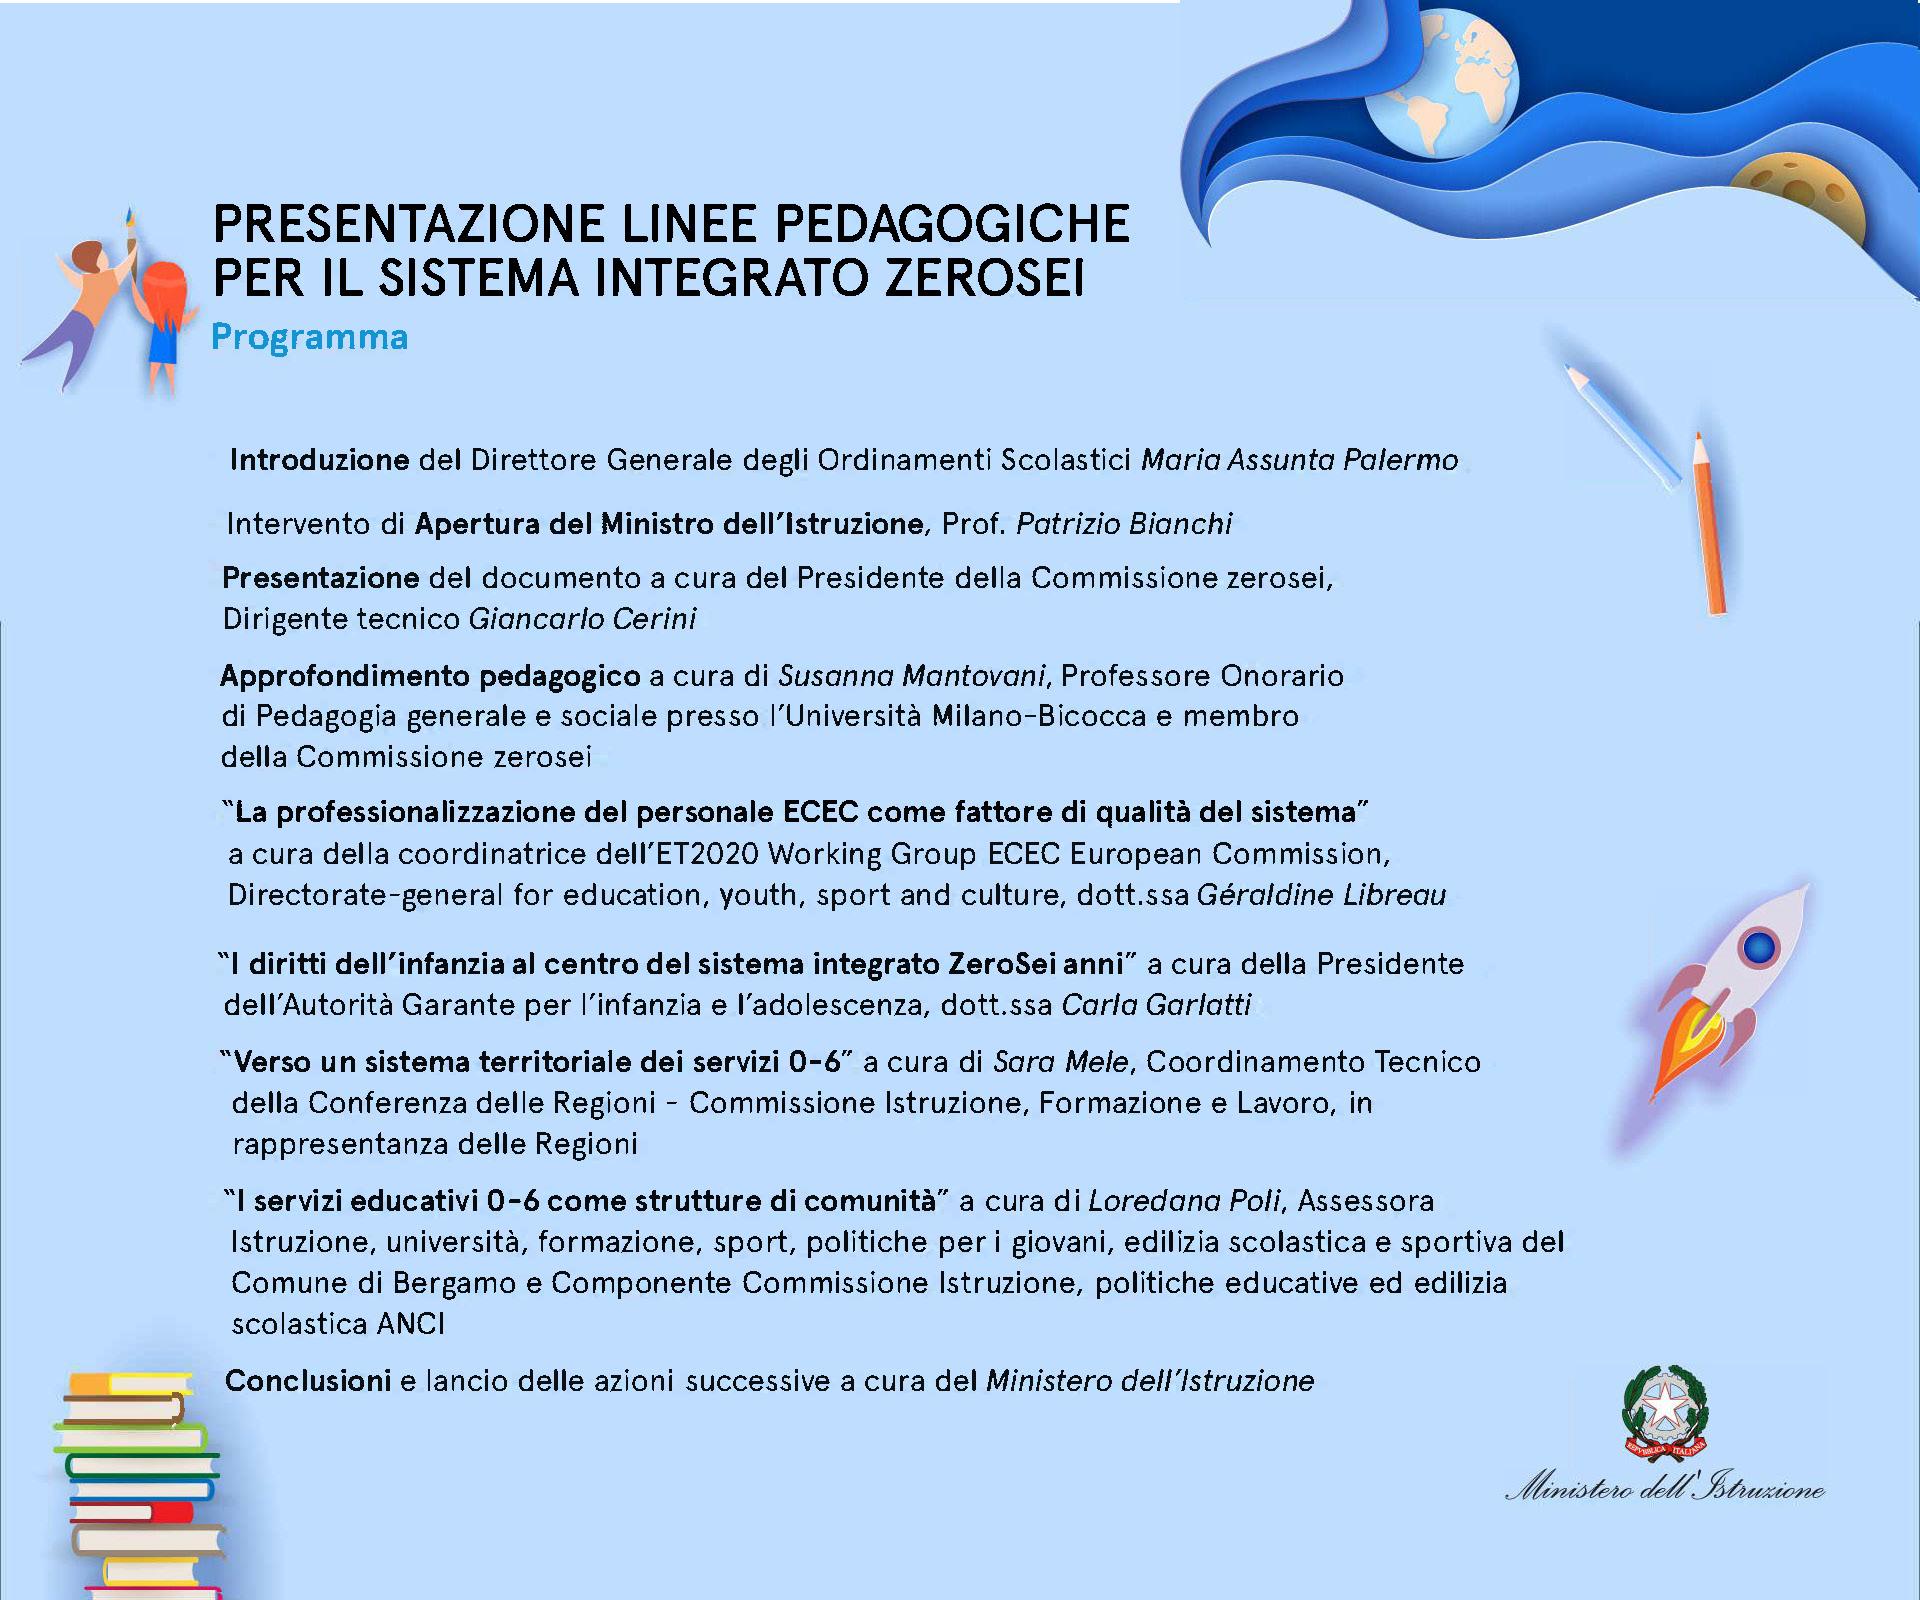 2021-03-30 – Evento di lancio nazionale delle Linee pedagogiche 0-6 e della campagna di consultazione pubblica